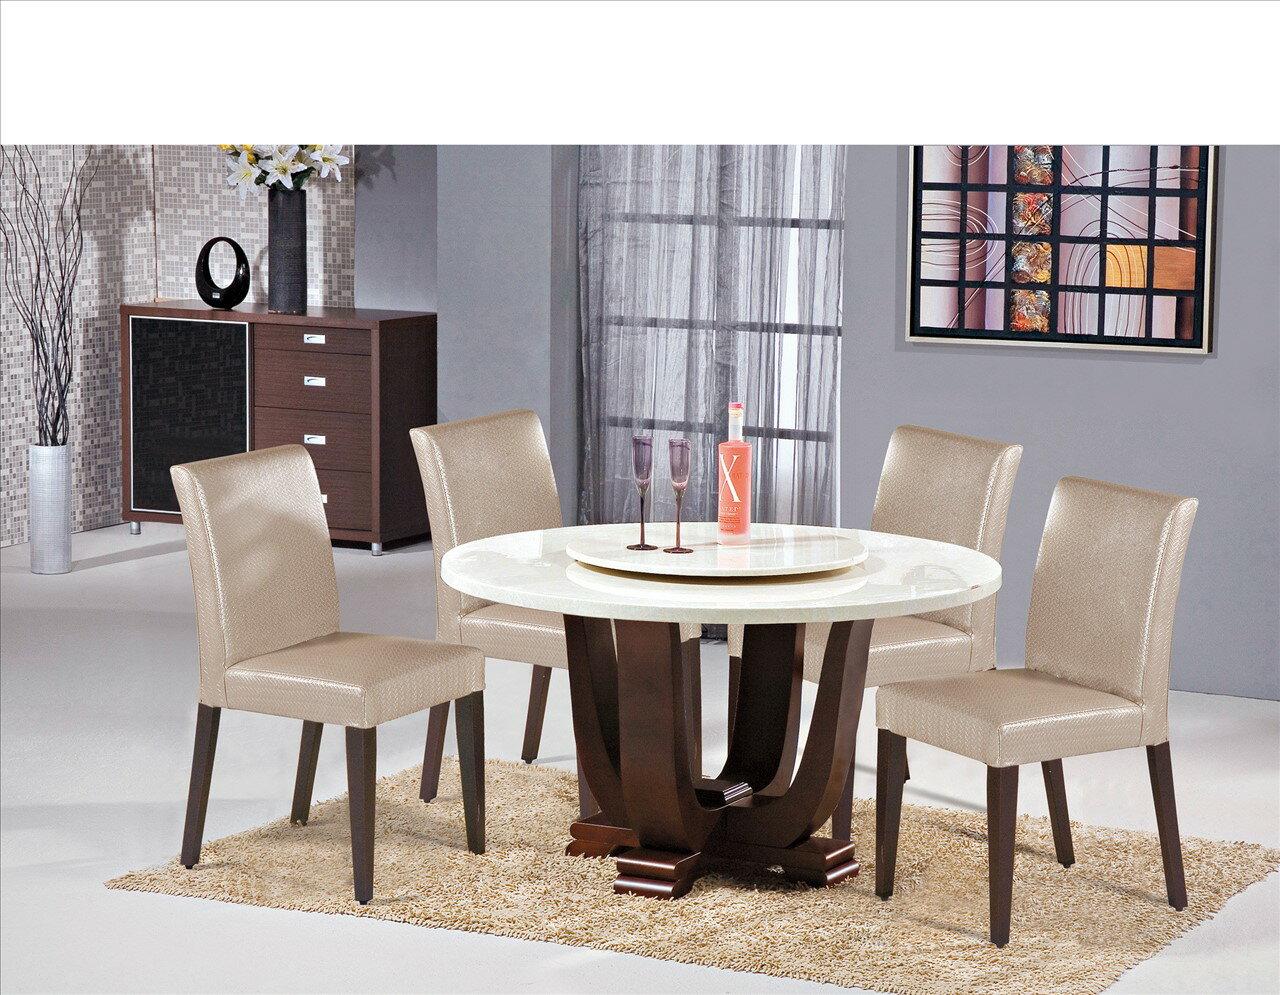 【石川家居】CE-443-01 艾特4.2尺石面圓桌餐桌 (不含椅跟其他商品) 需搭配車趟